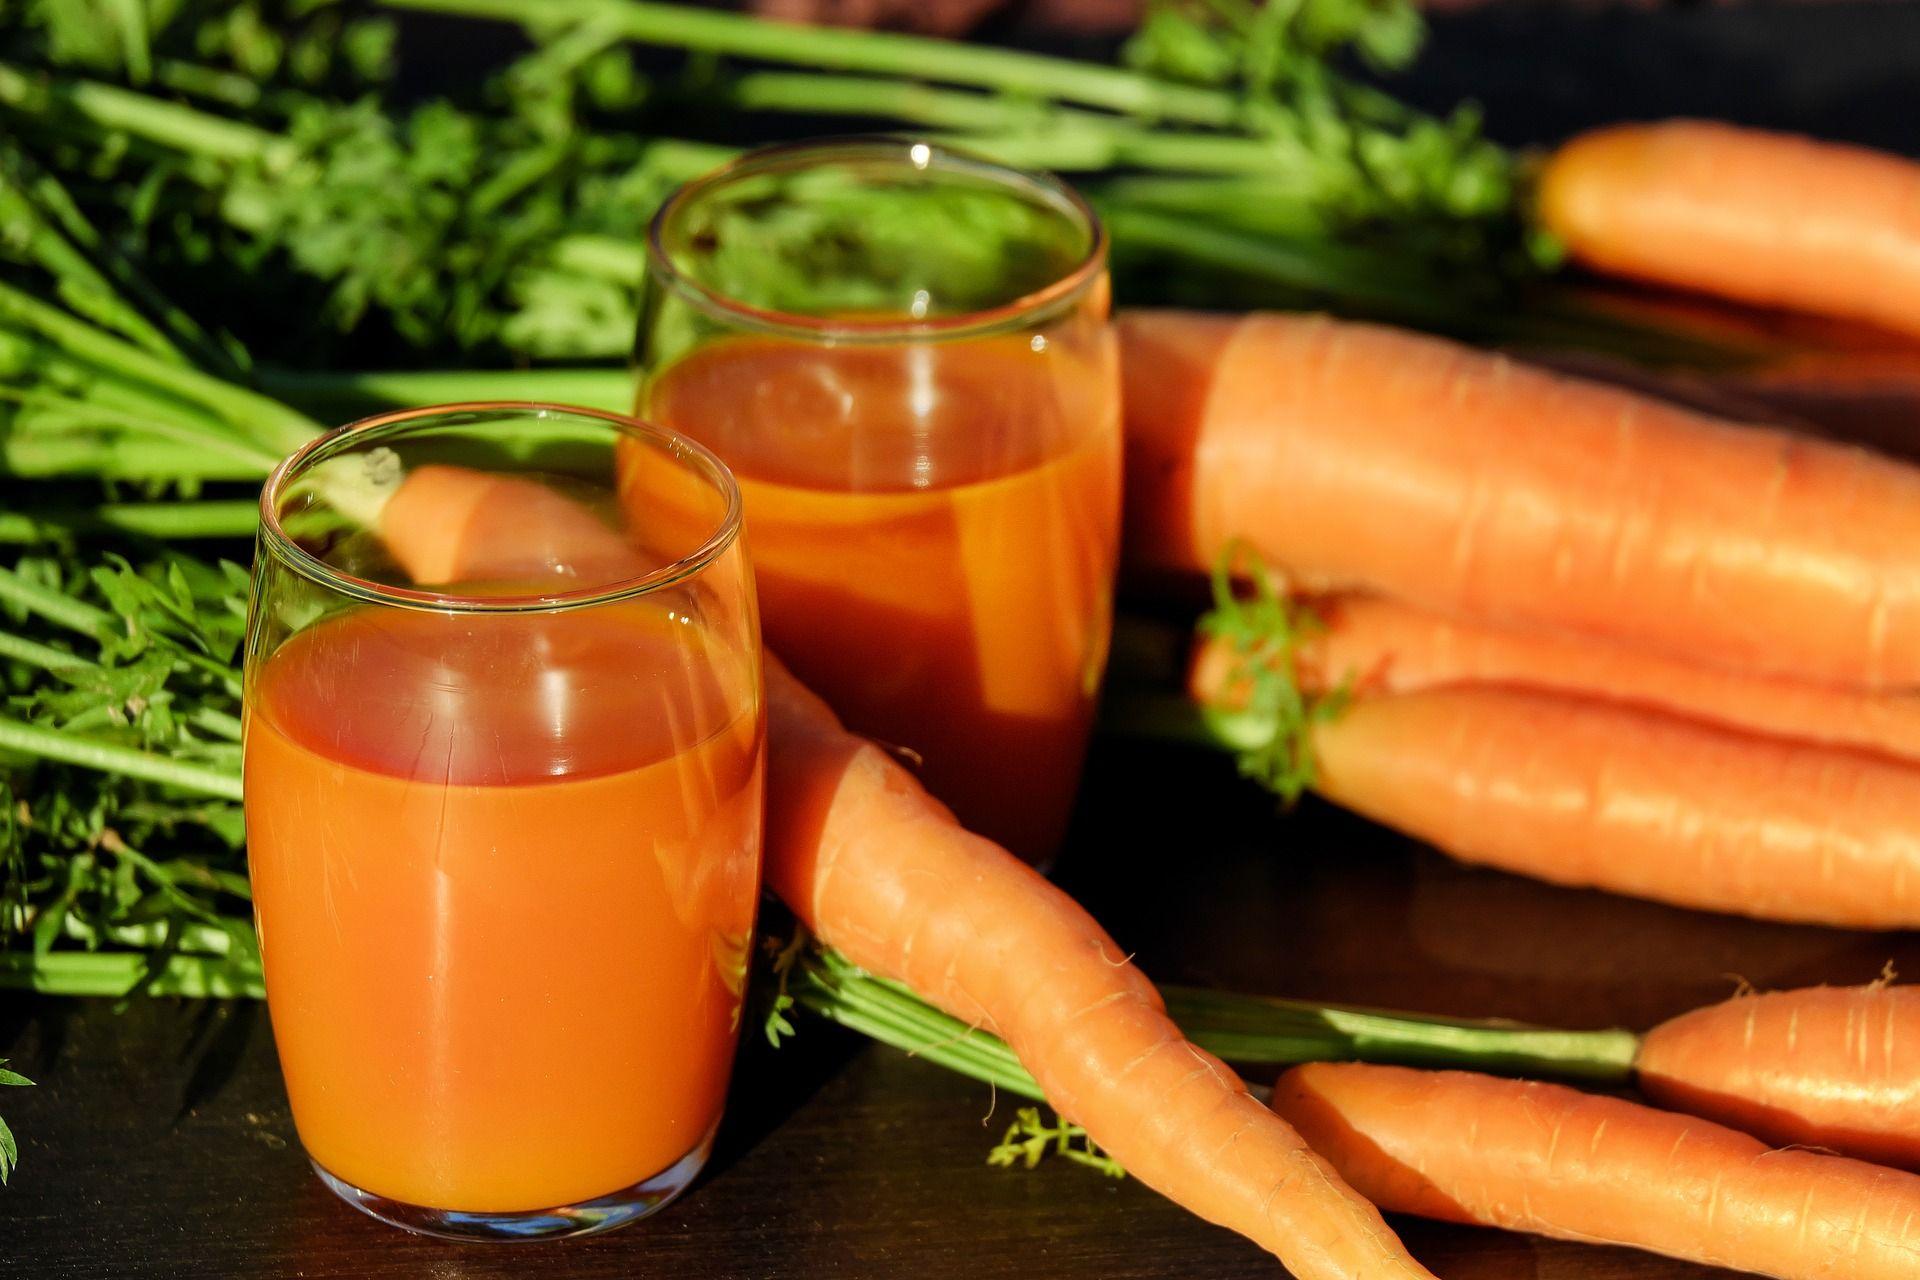 Karotten enthalten viel Vitamin A